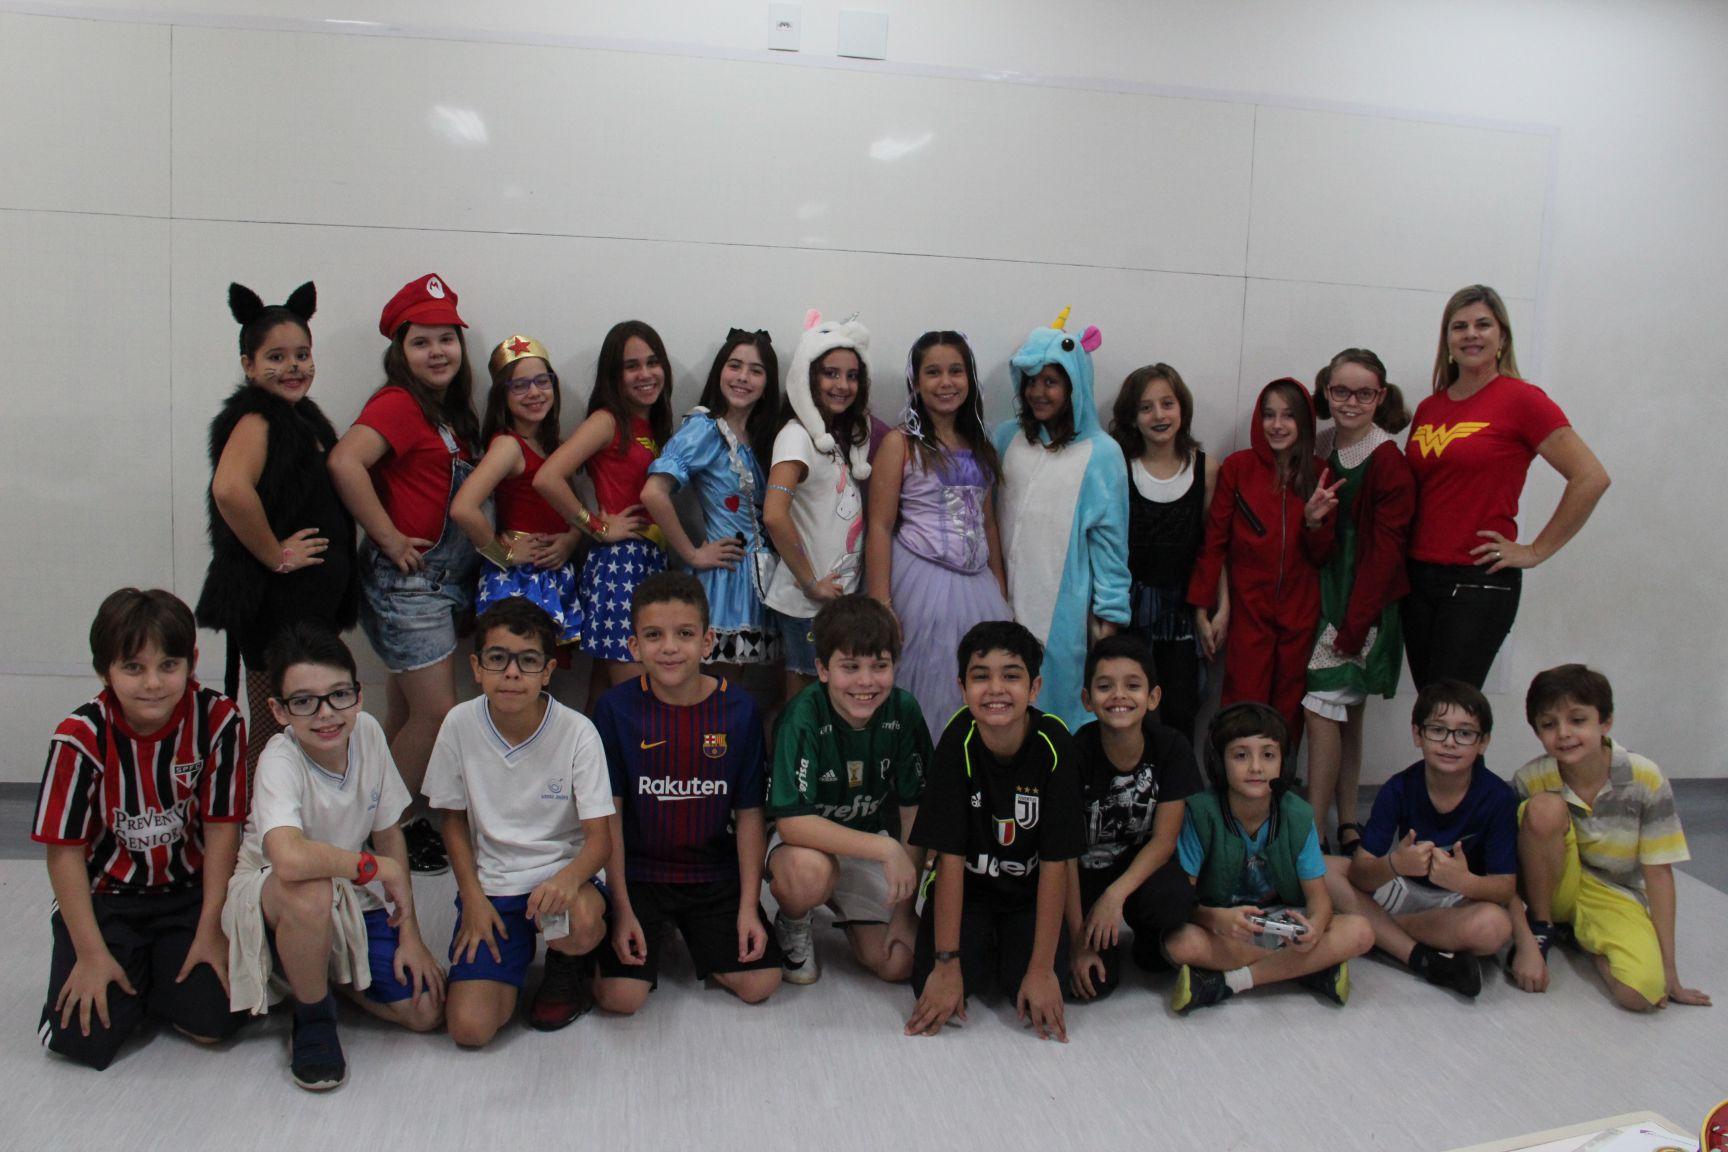 4600f518c3 ... vieram fantasiadas para a escola, em um dia especial para comemorar a  Semana da Criança, foi realizado um desfile de fantasias na quadra do EFI.